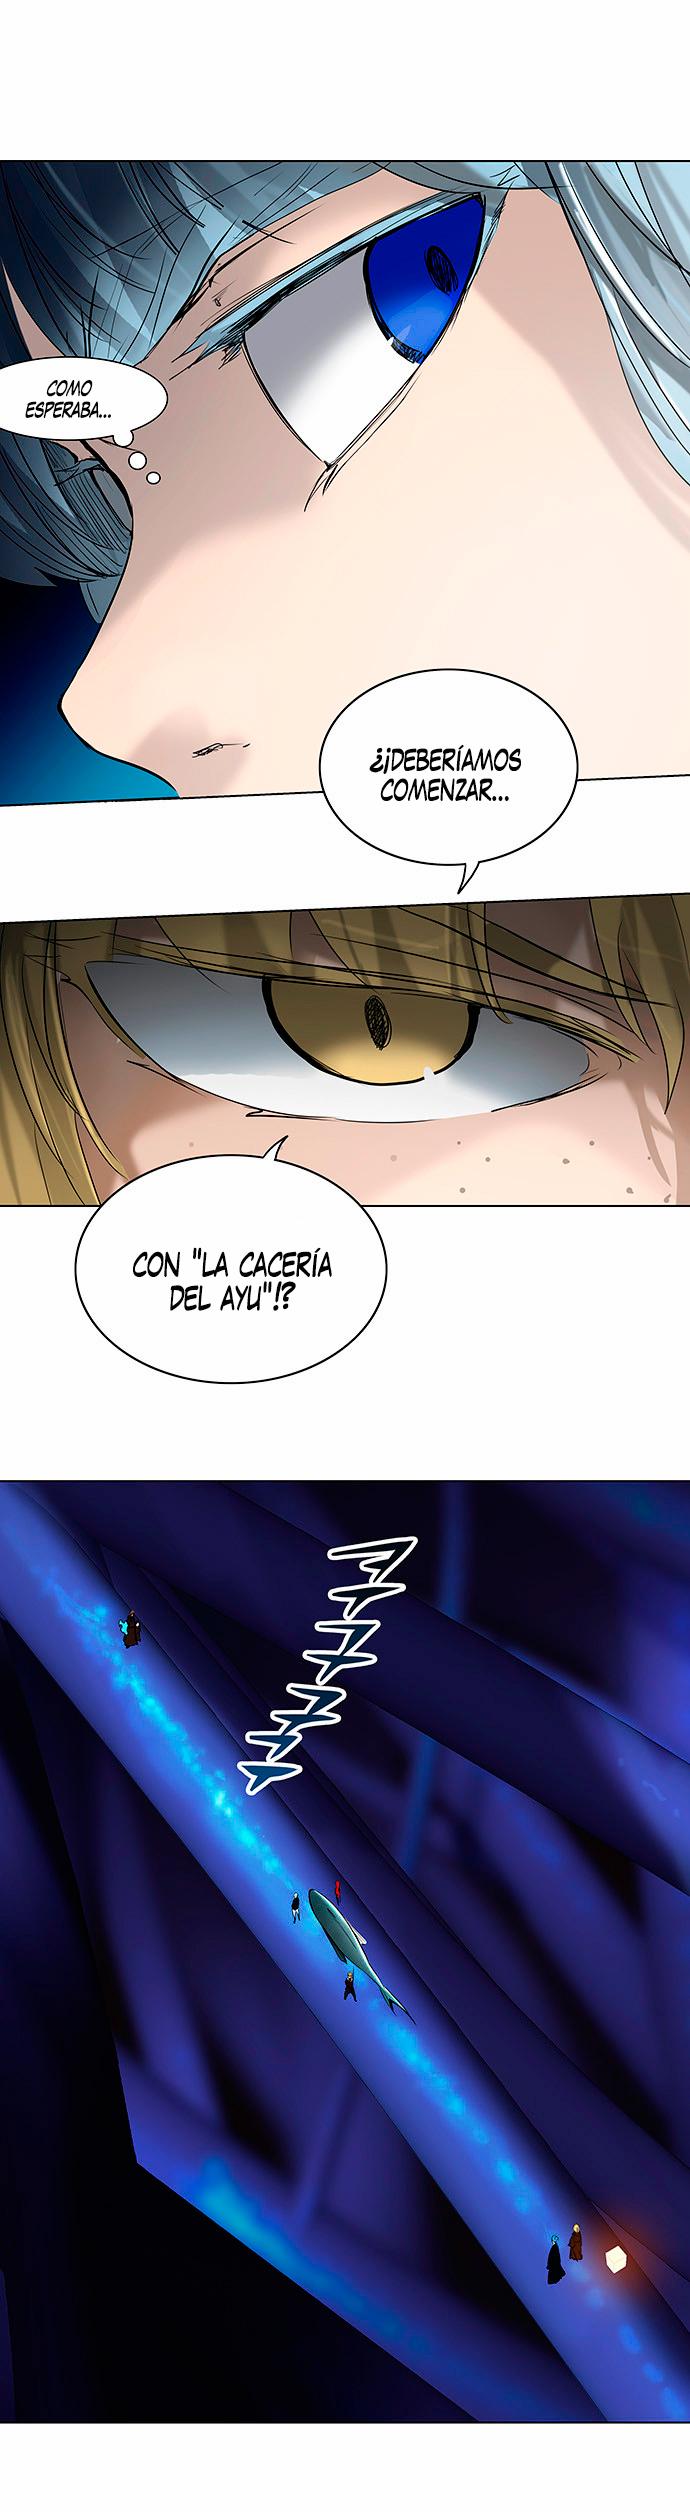 http://c5.ninemanga.com/es_manga/21/149/437997/2d624fa68917f36fc7d9a9c22d490cf4.jpg Page 2